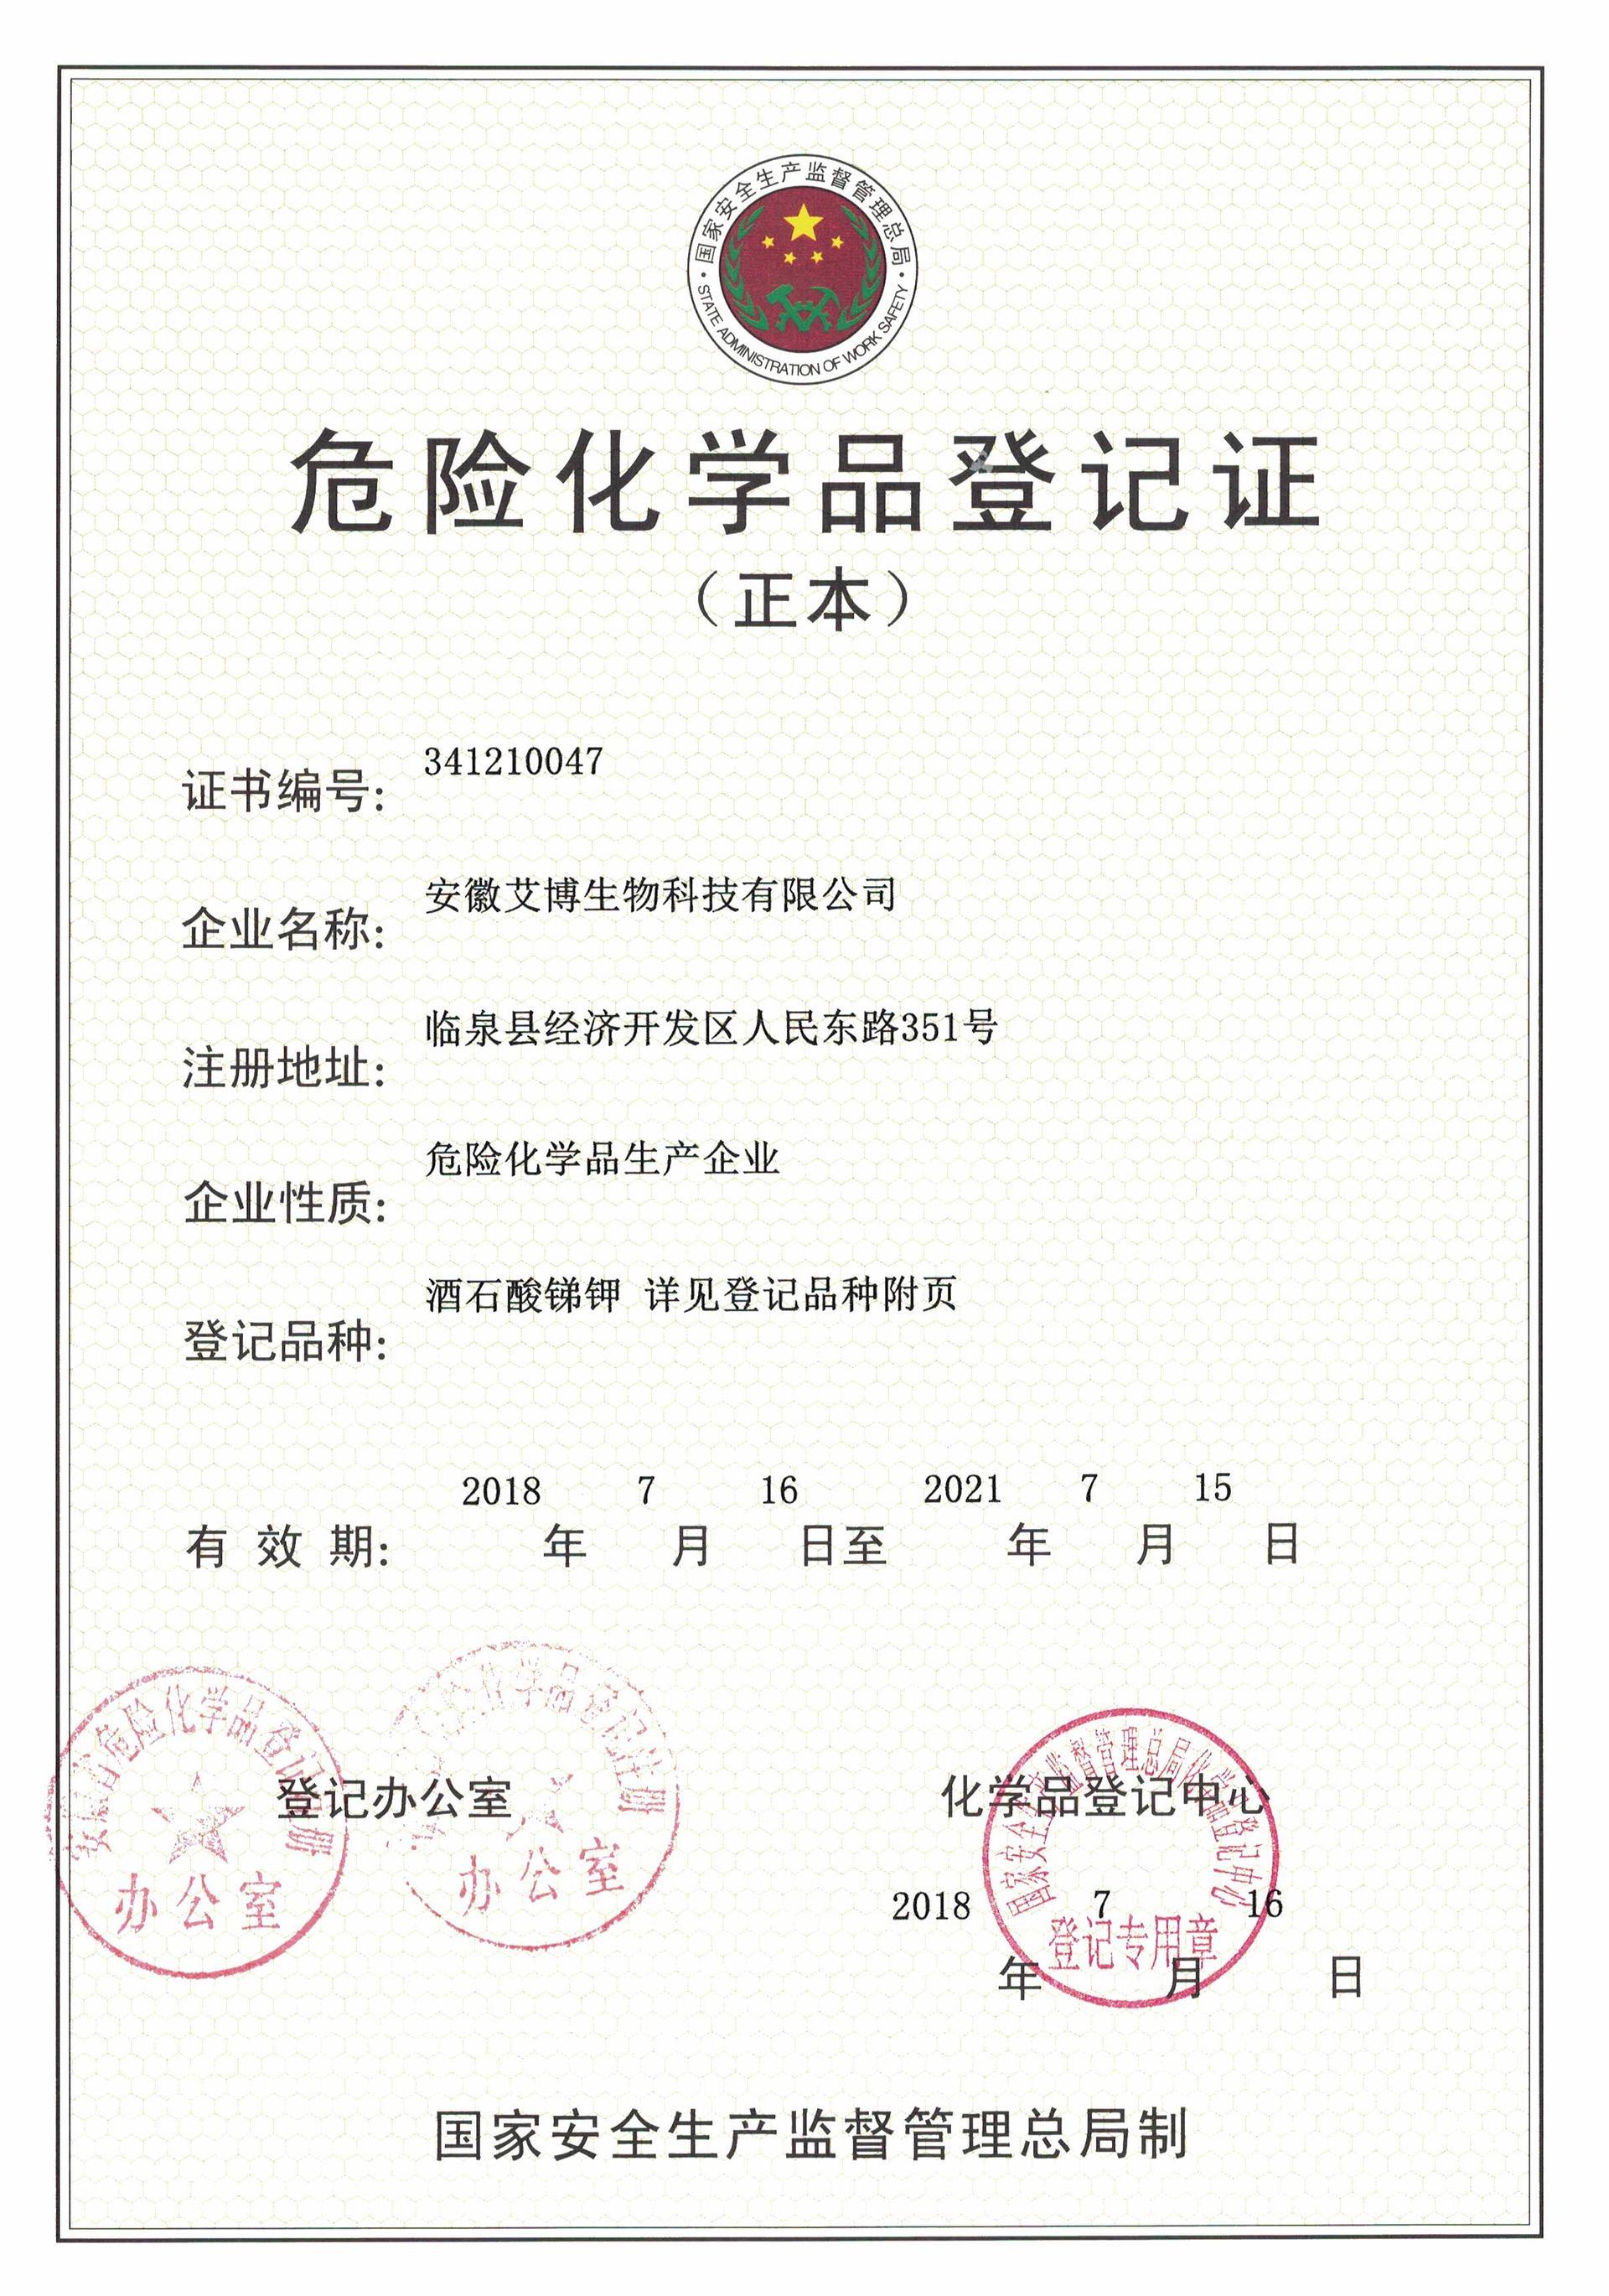 锑钾登记证20180726 (1).jpg